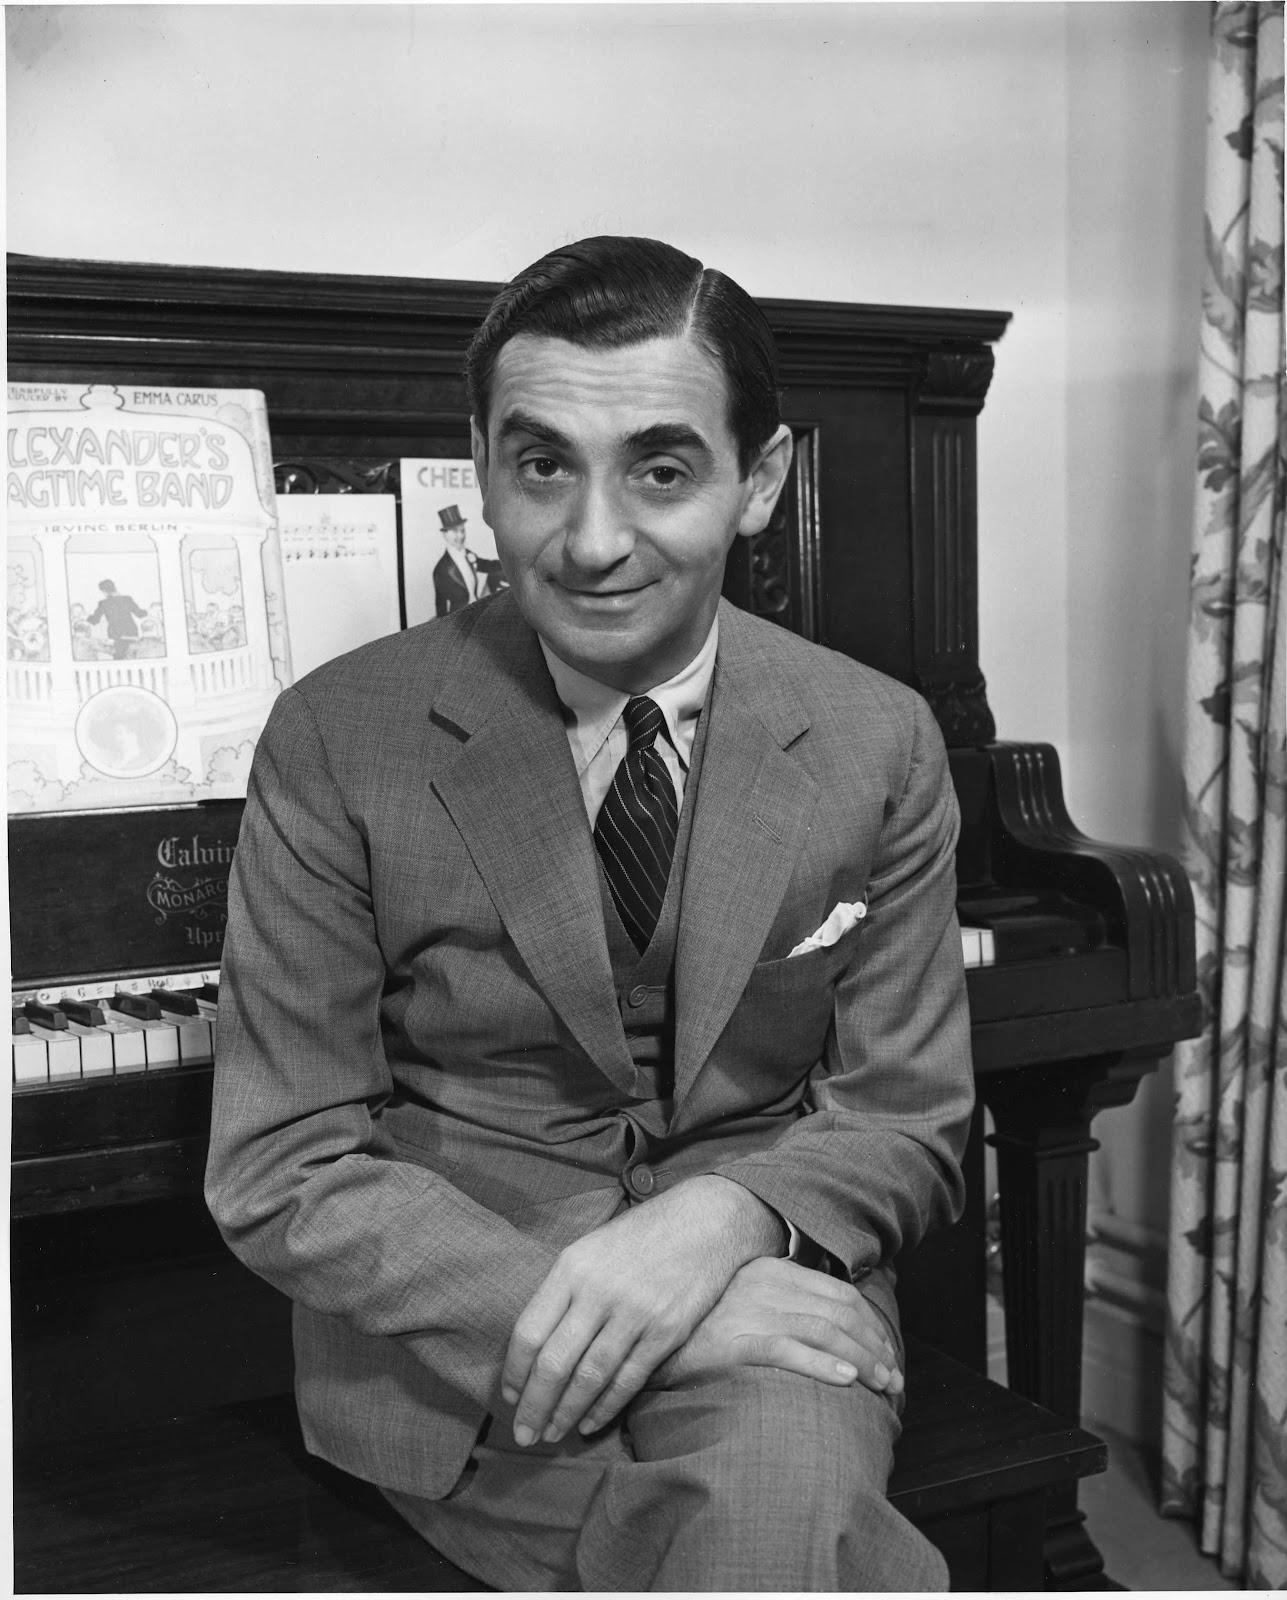 Famed composer Irving Berlin dead at 101